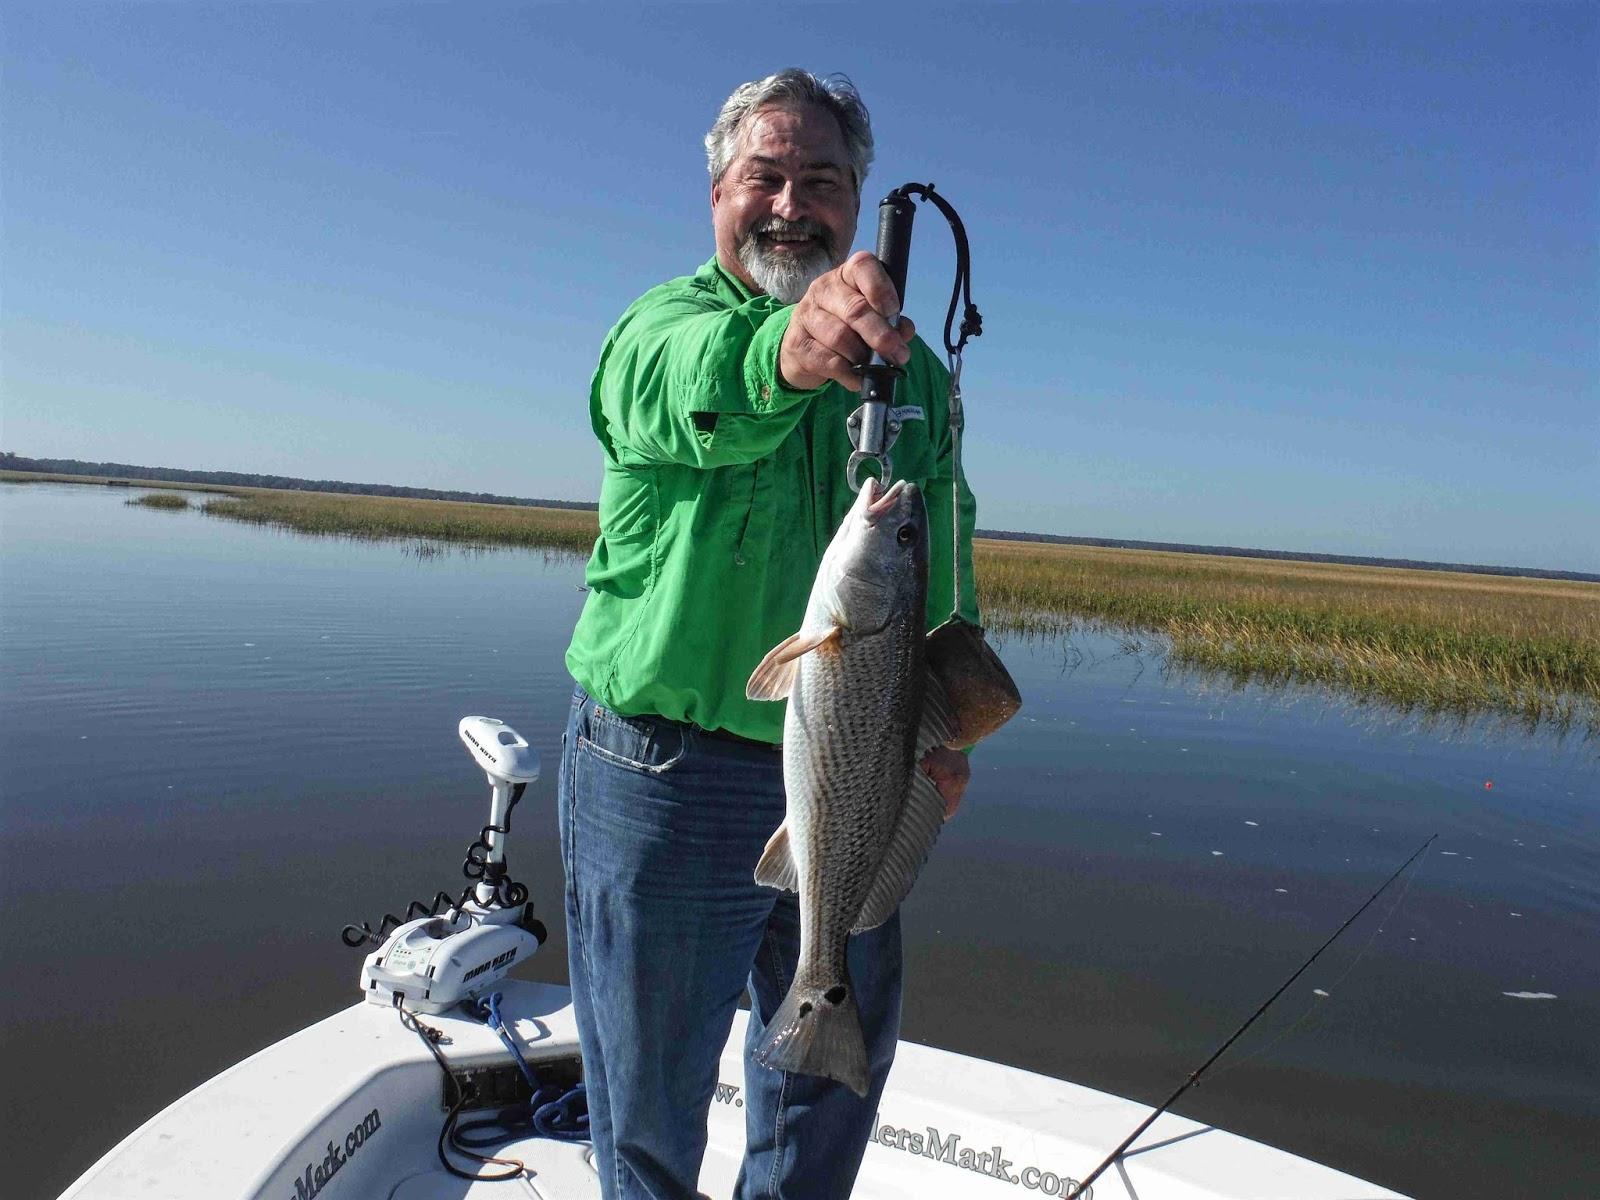 Amelia island fishing reports fun day fishing with friends for Amelia island fishing